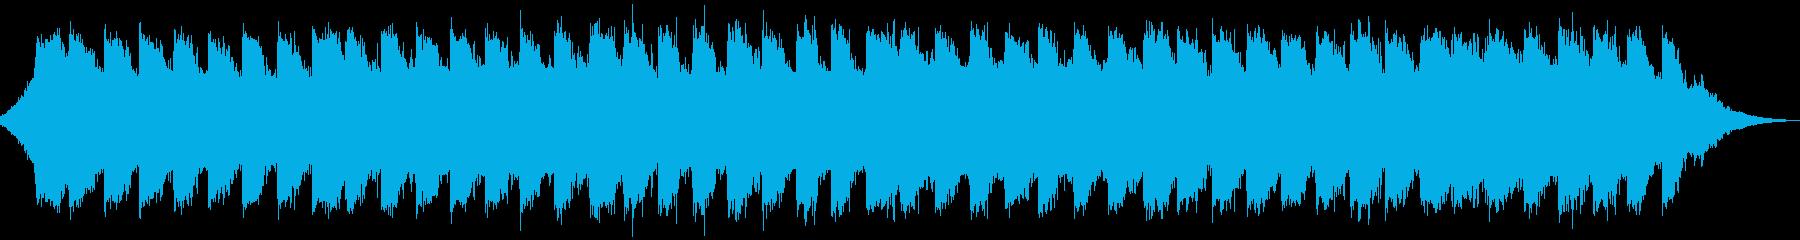 水の音が幻想的なヒーリングミュージックの再生済みの波形